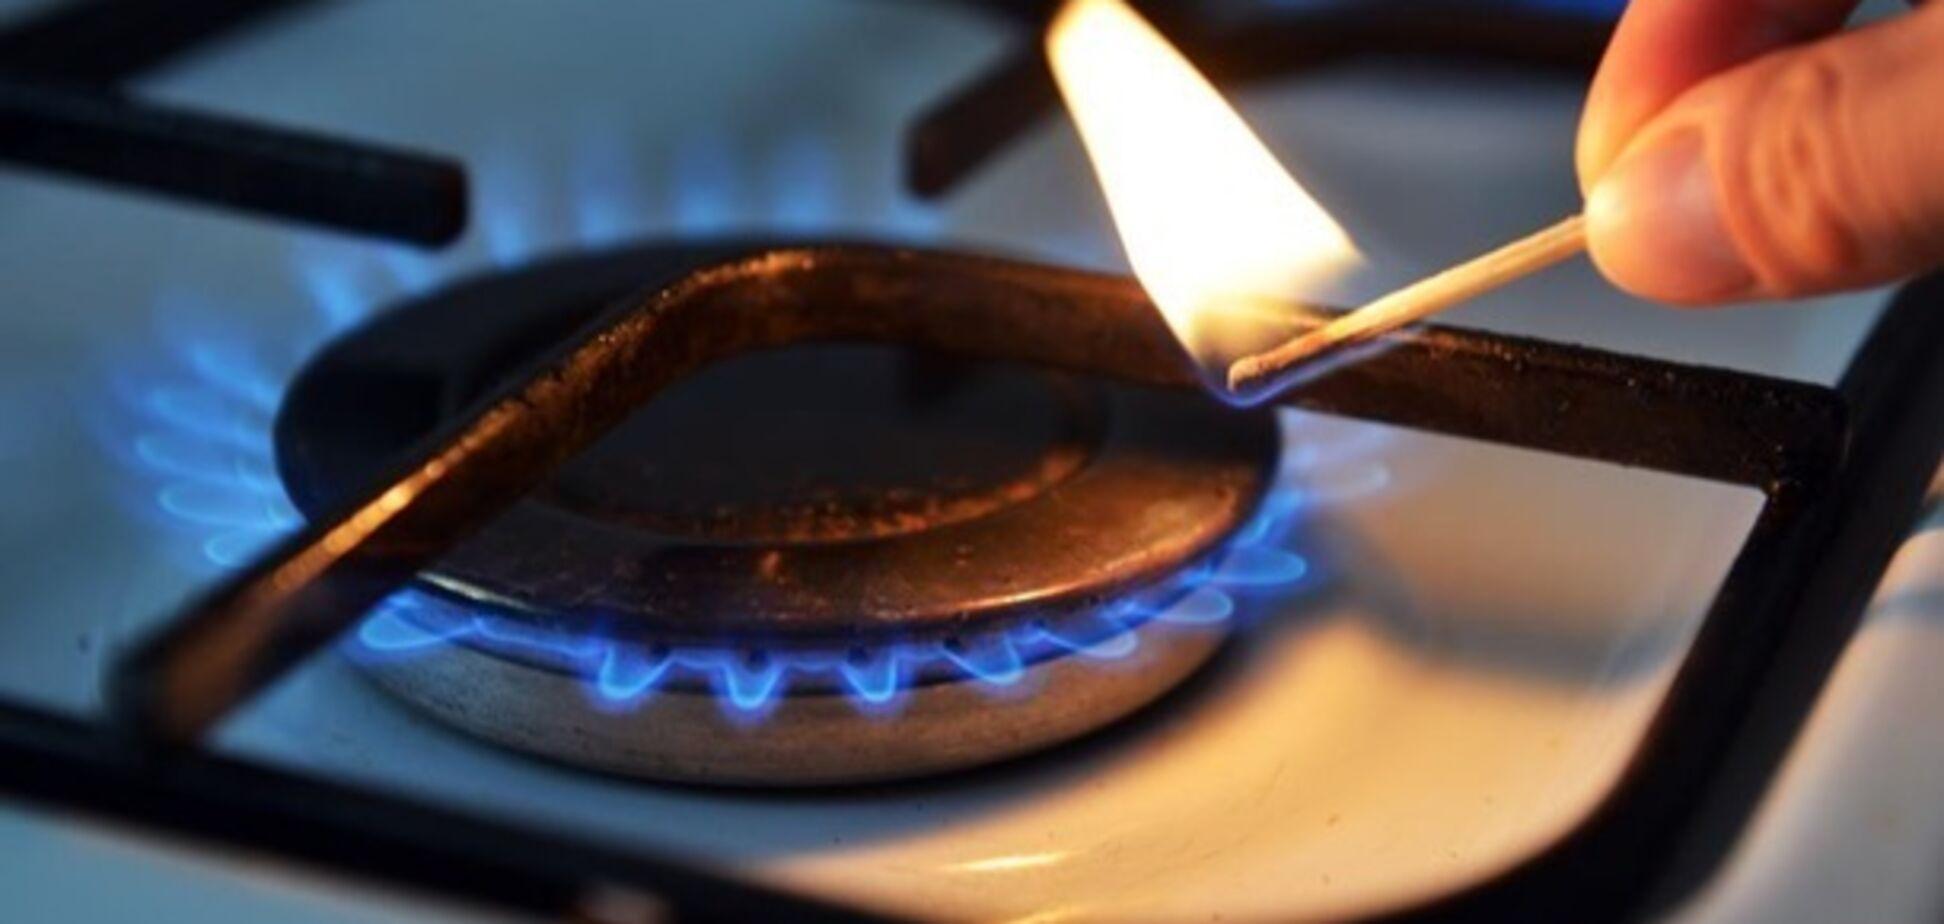 Українцям безкоштовно встановлять лічильники газу: що відомо